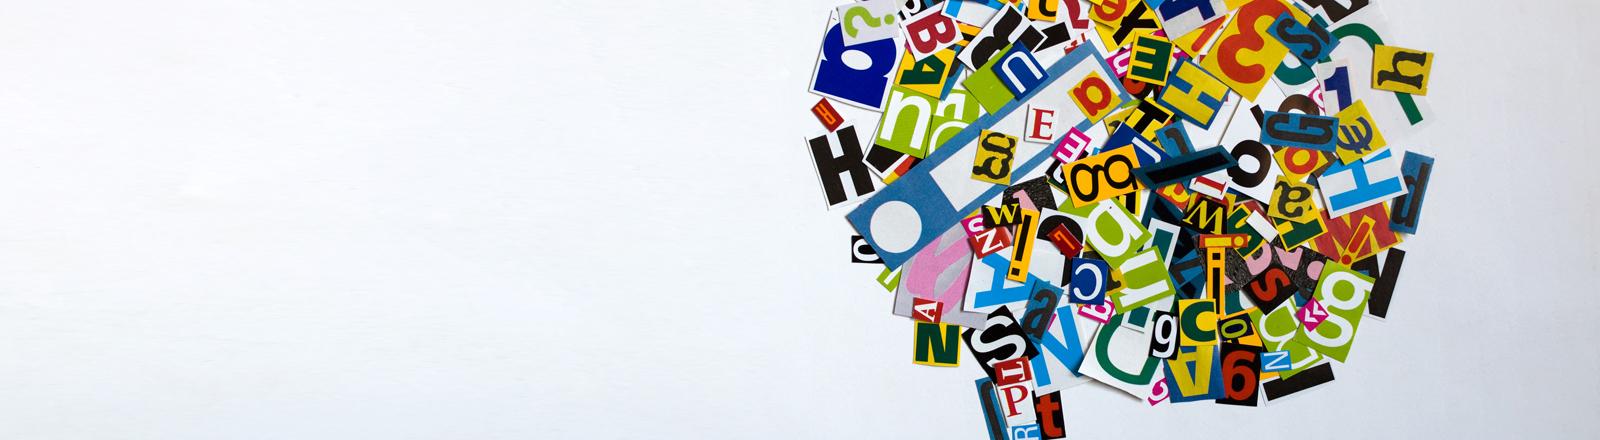 Sprache und Gehirn.